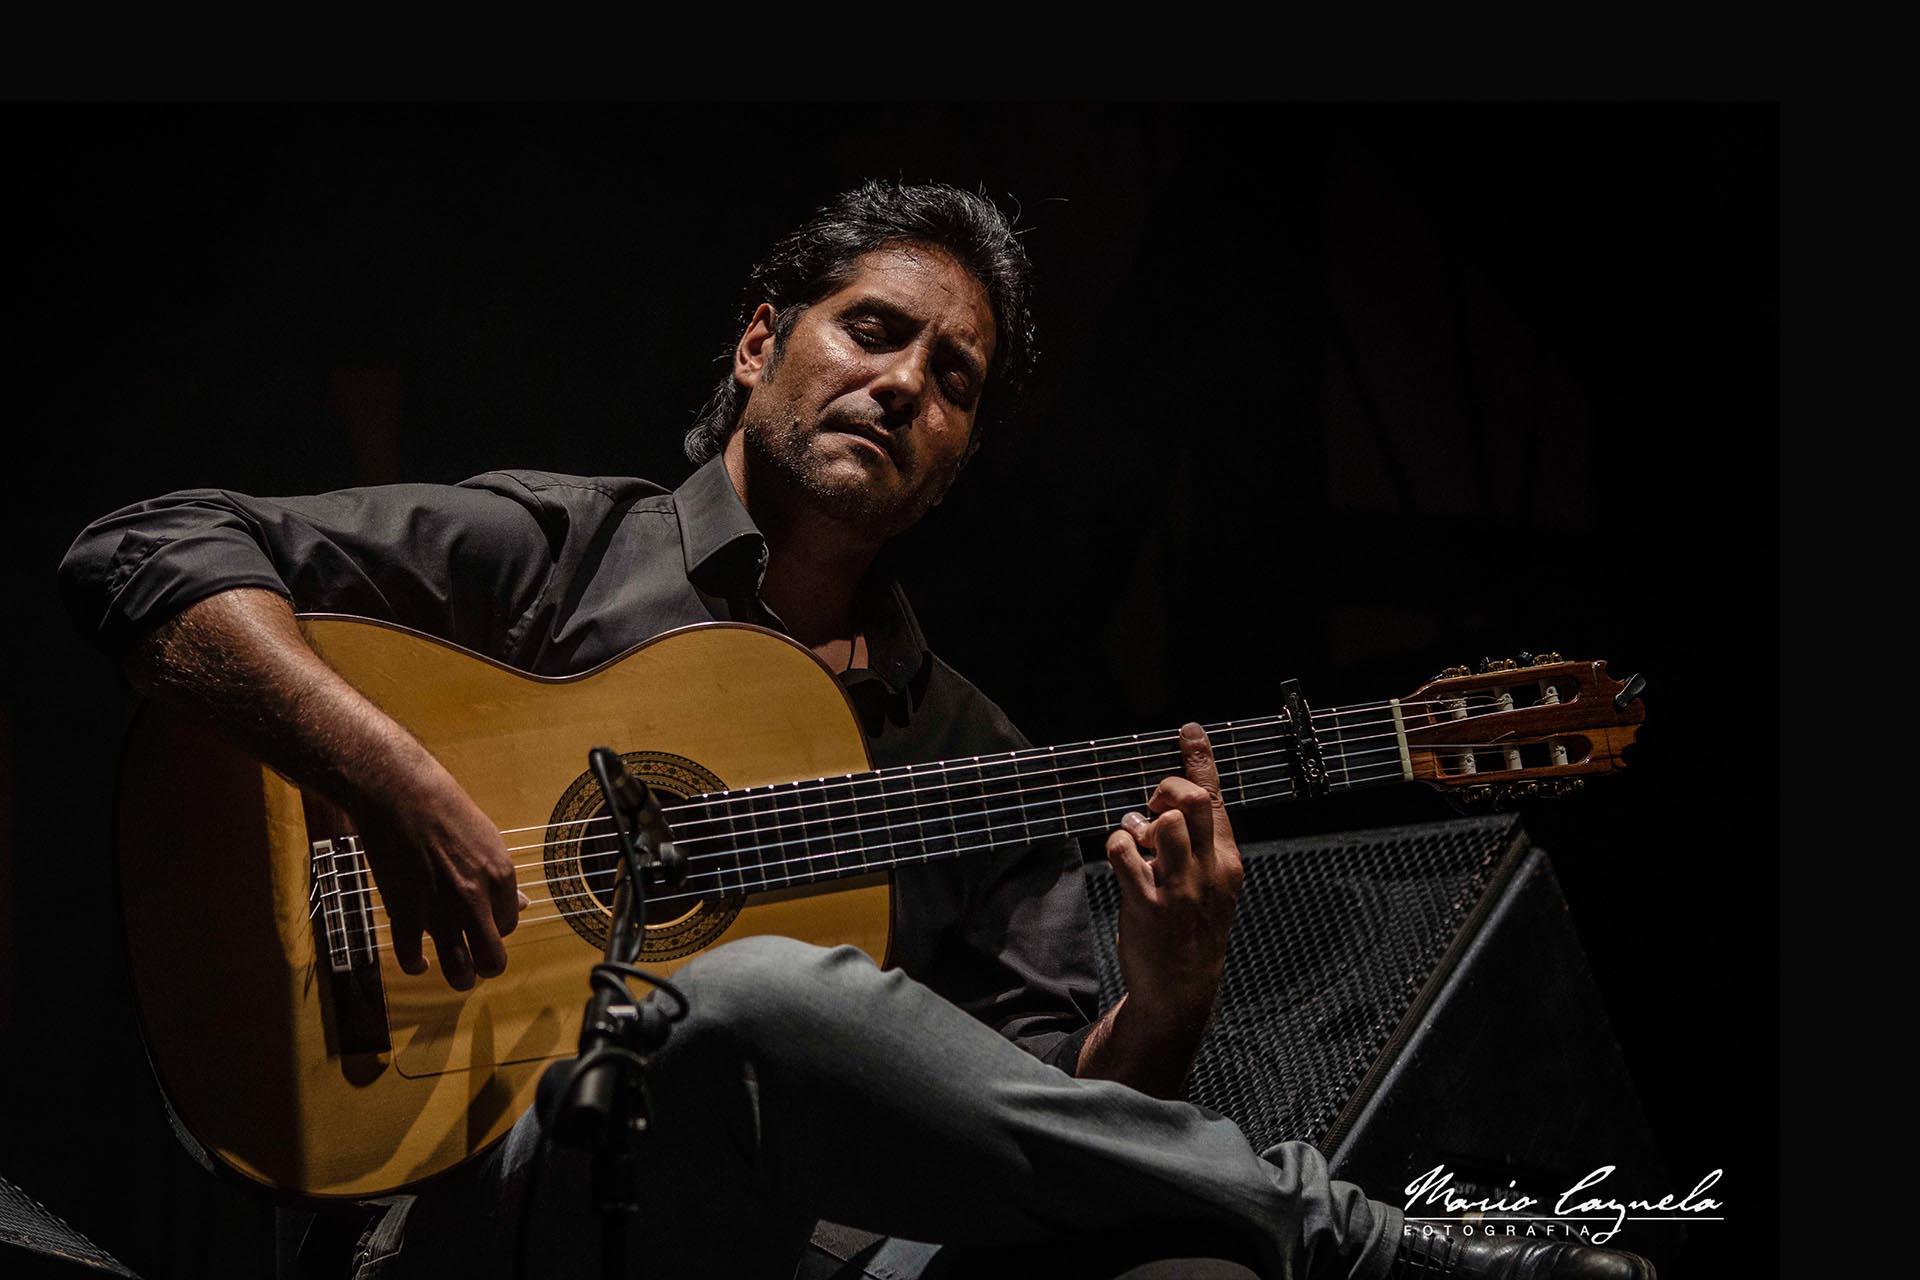 Nino_Josele-flamencojam-portada